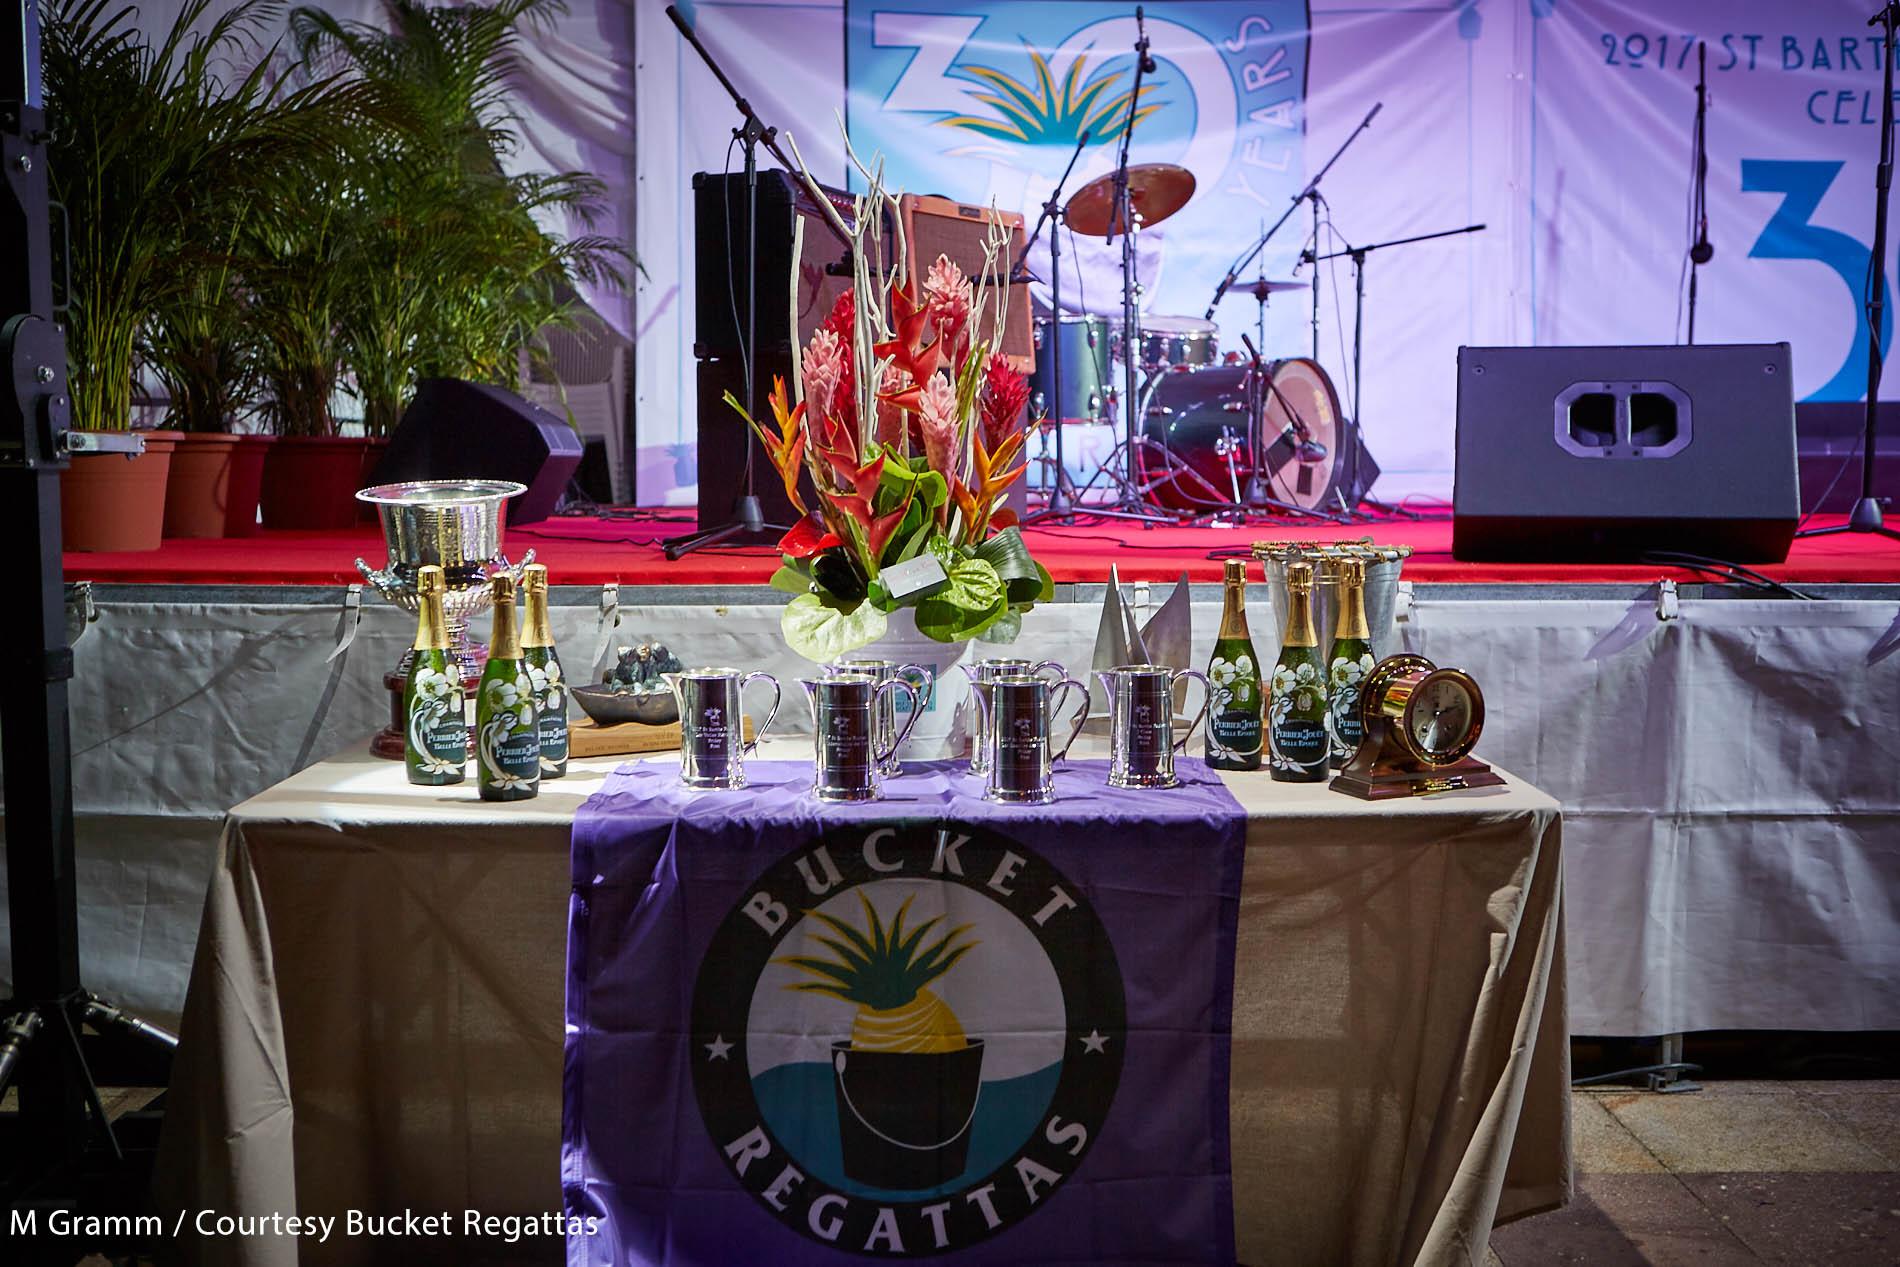 St. Barths Bucket Regatta 2017